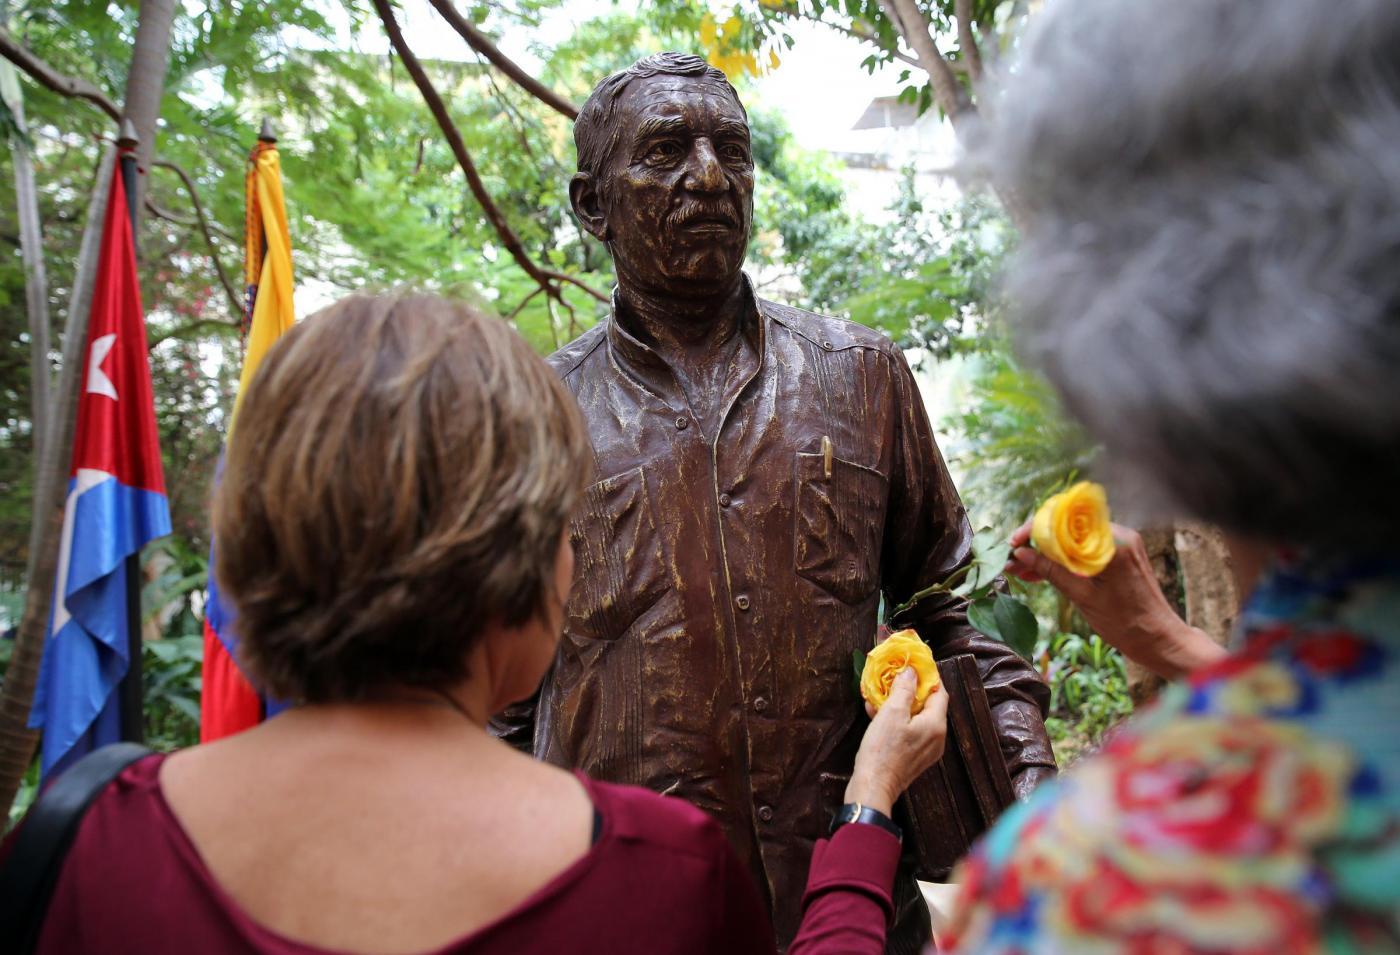 Gabriel García Márquez: a Cuba una statua in onore dello scrittore